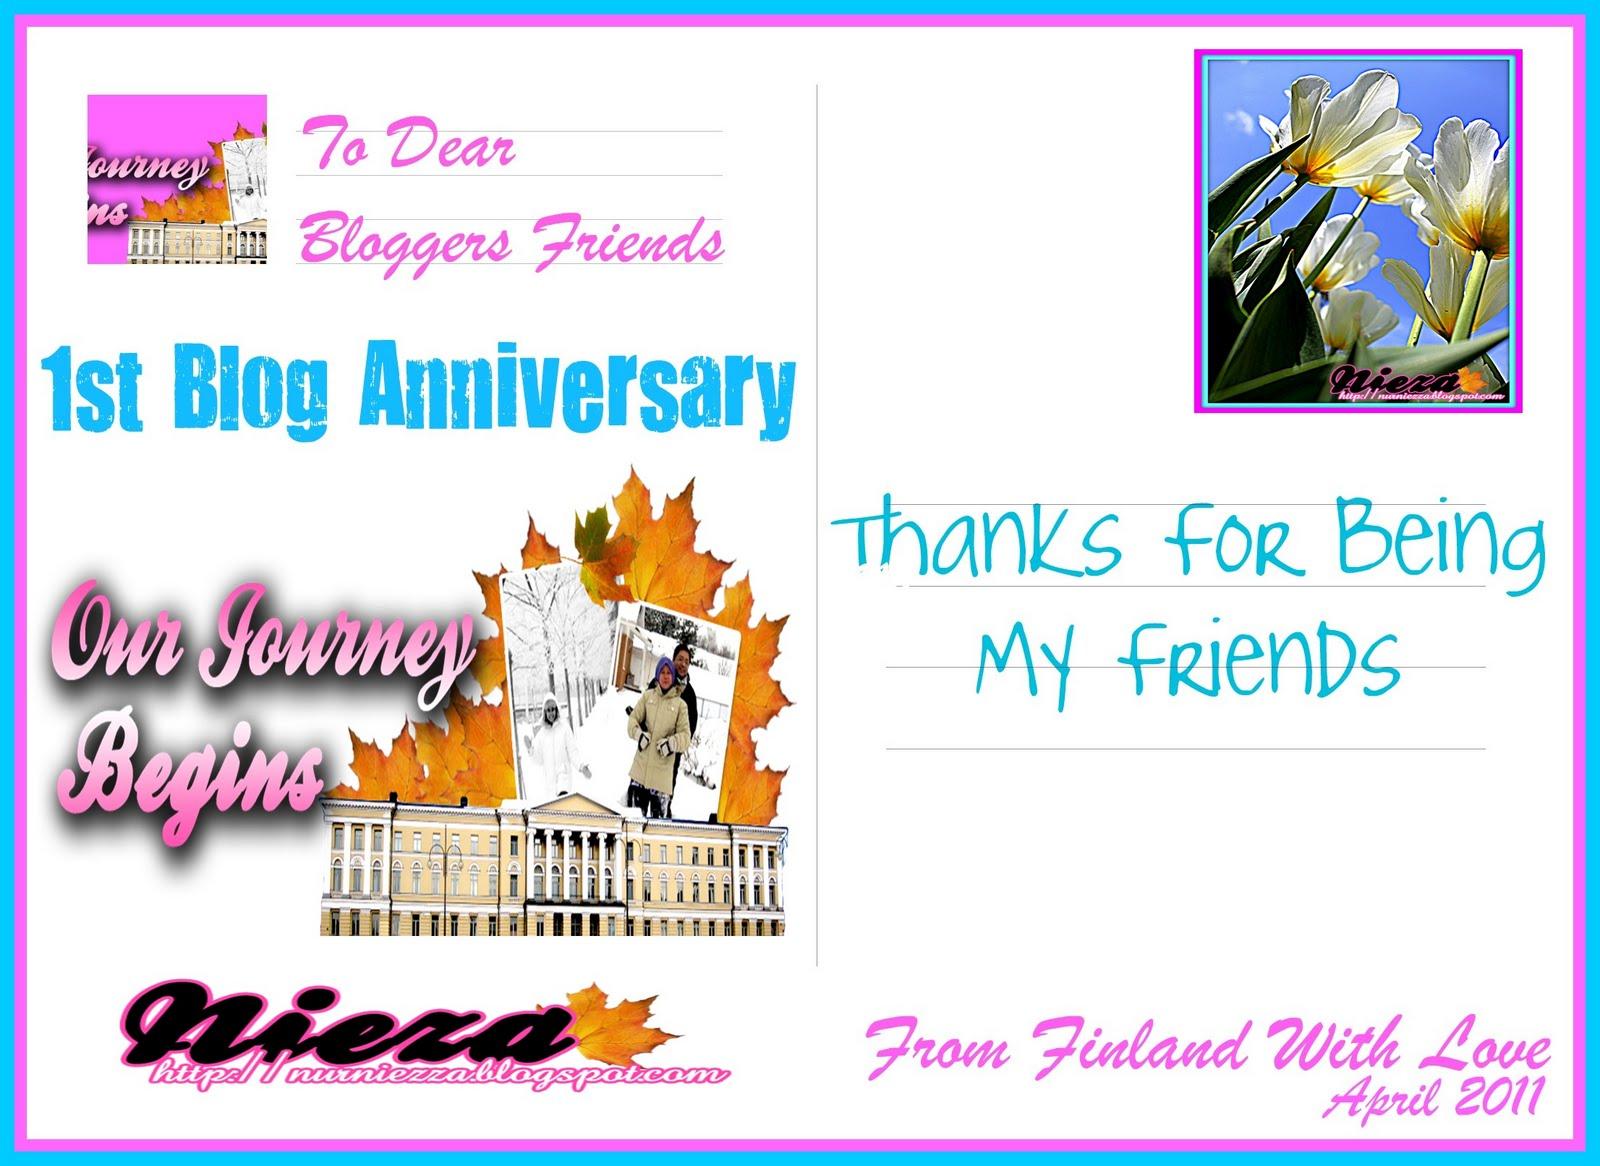 http://1.bp.blogspot.com/-05qtipRU2NQ/TaFhvAfYi4I/AAAAAAAADyI/HDkSP9LkCE0/s1600/P1.jpg